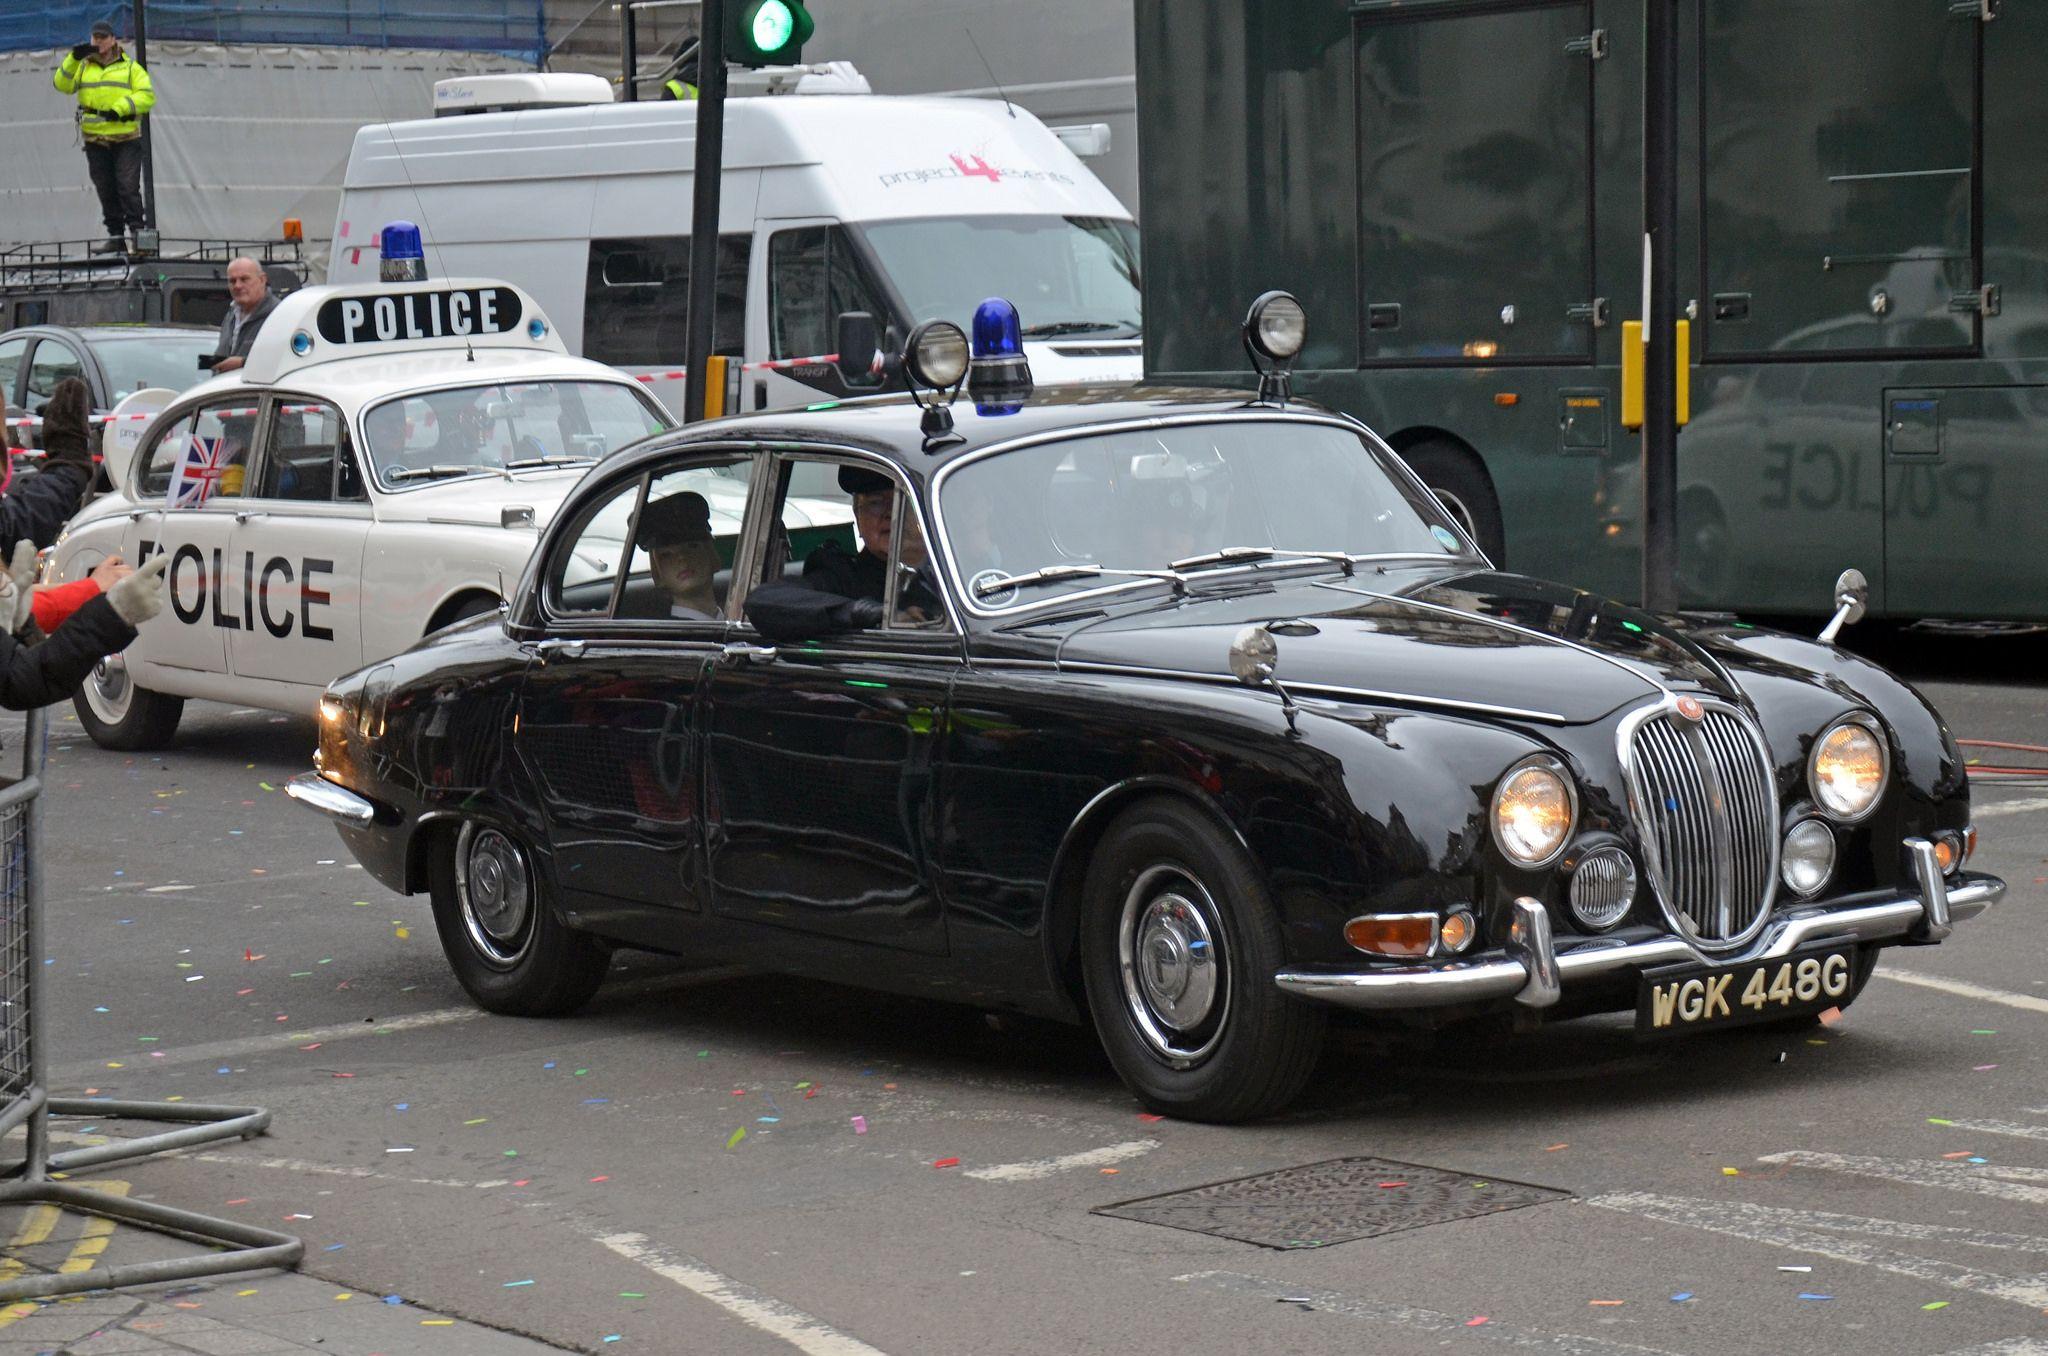 1968 Jaguar S Type Police Car Police Cars Old Police Cars British Police Cars